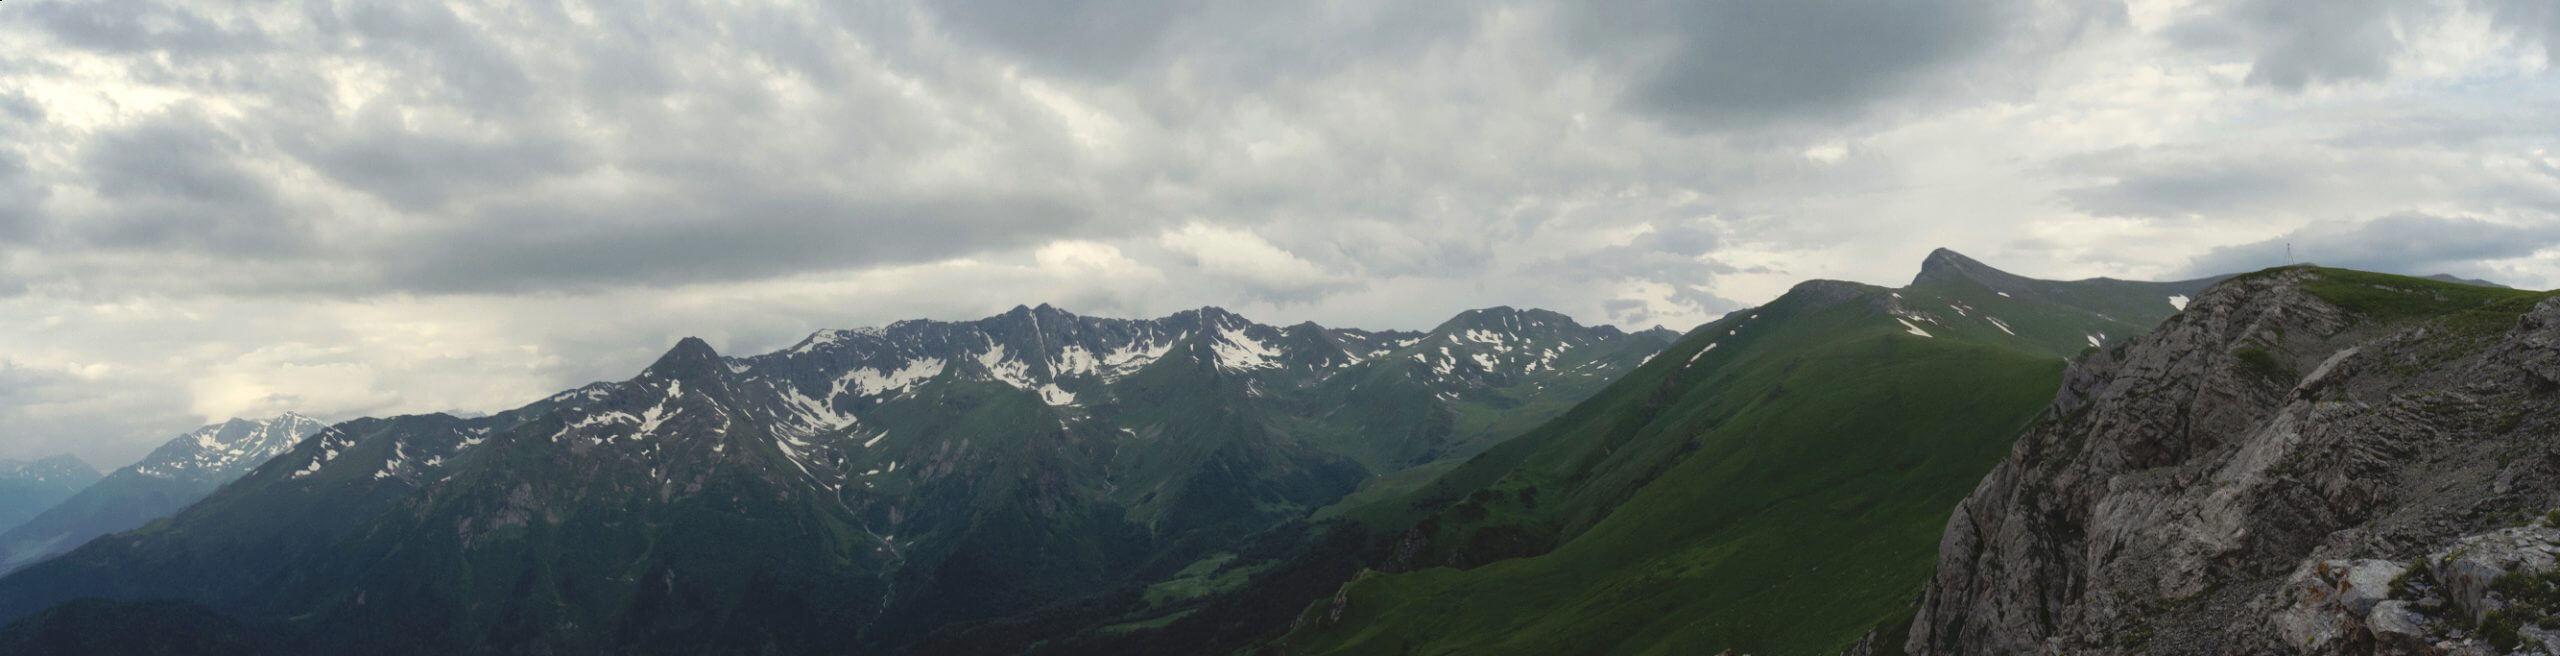 Большой Тхач, Дженту, Магишо, Скала Белая